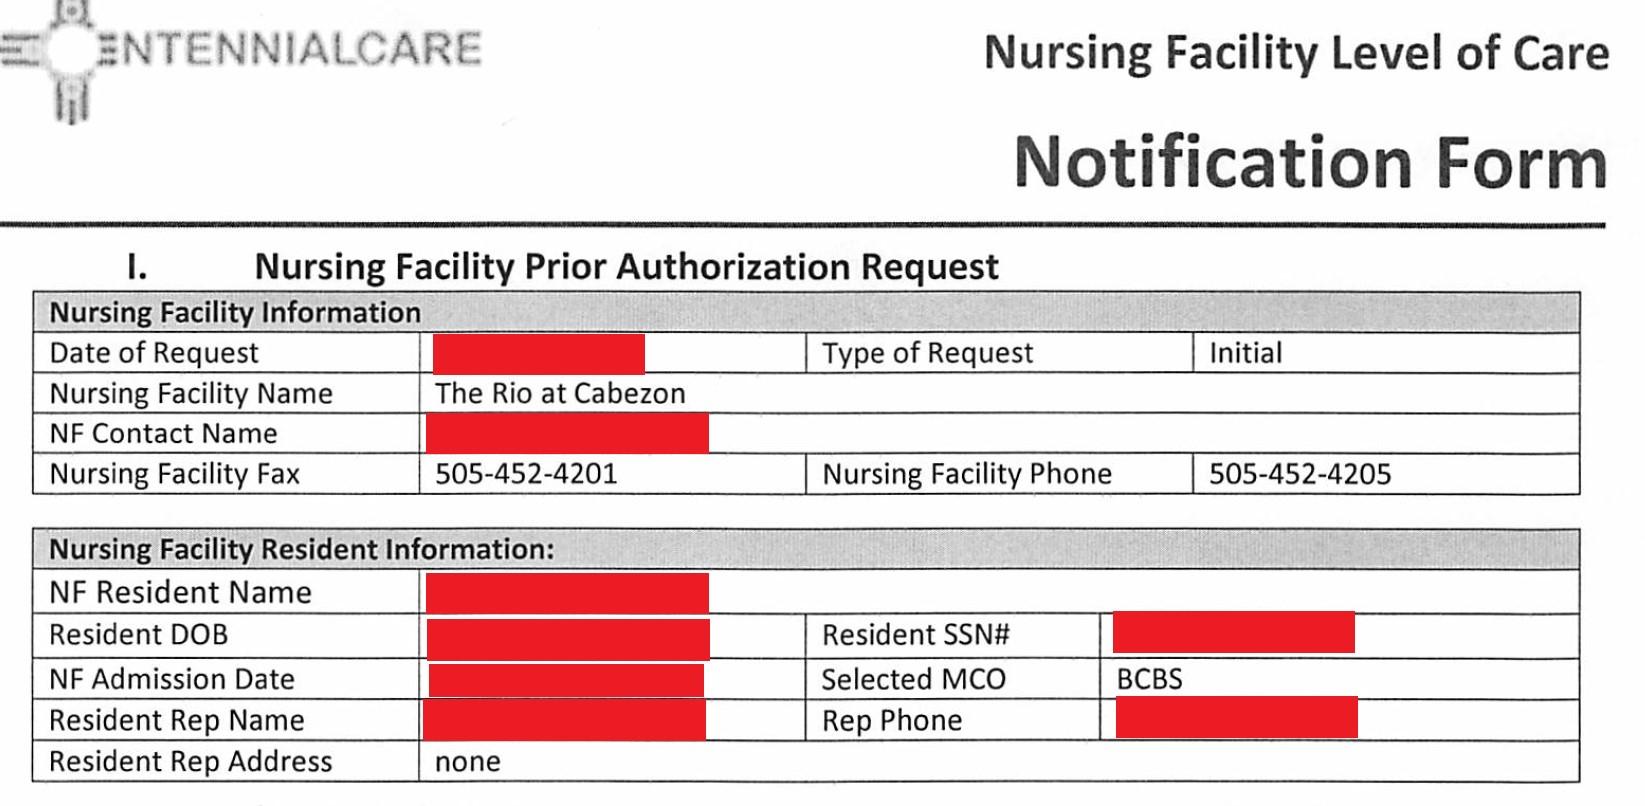 Nursing Facillity Level of Care Form